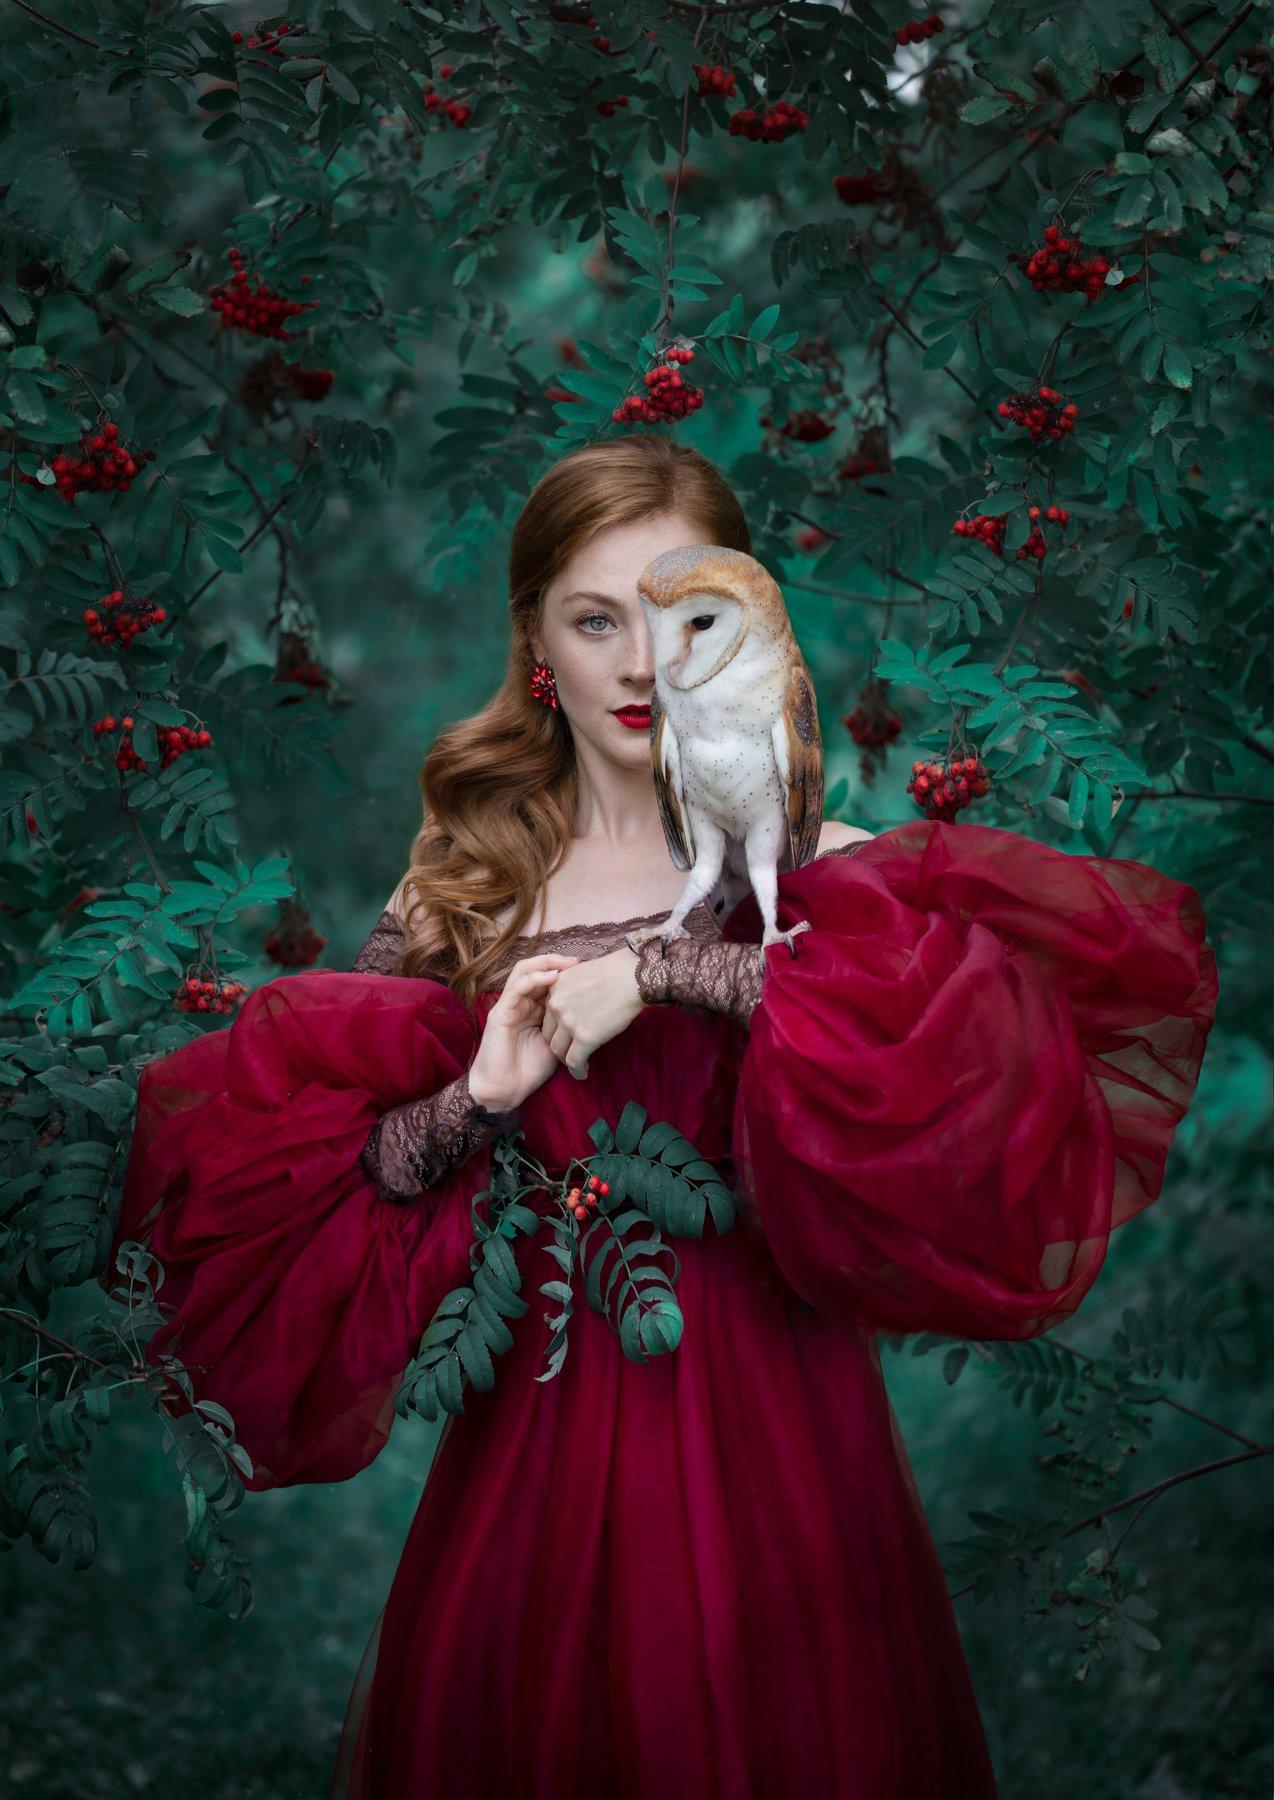 артфото, фотографмосква, рябина, художественнаяфотография, сова, сипуха, съемкасживотными, Fedorova Evgeniya